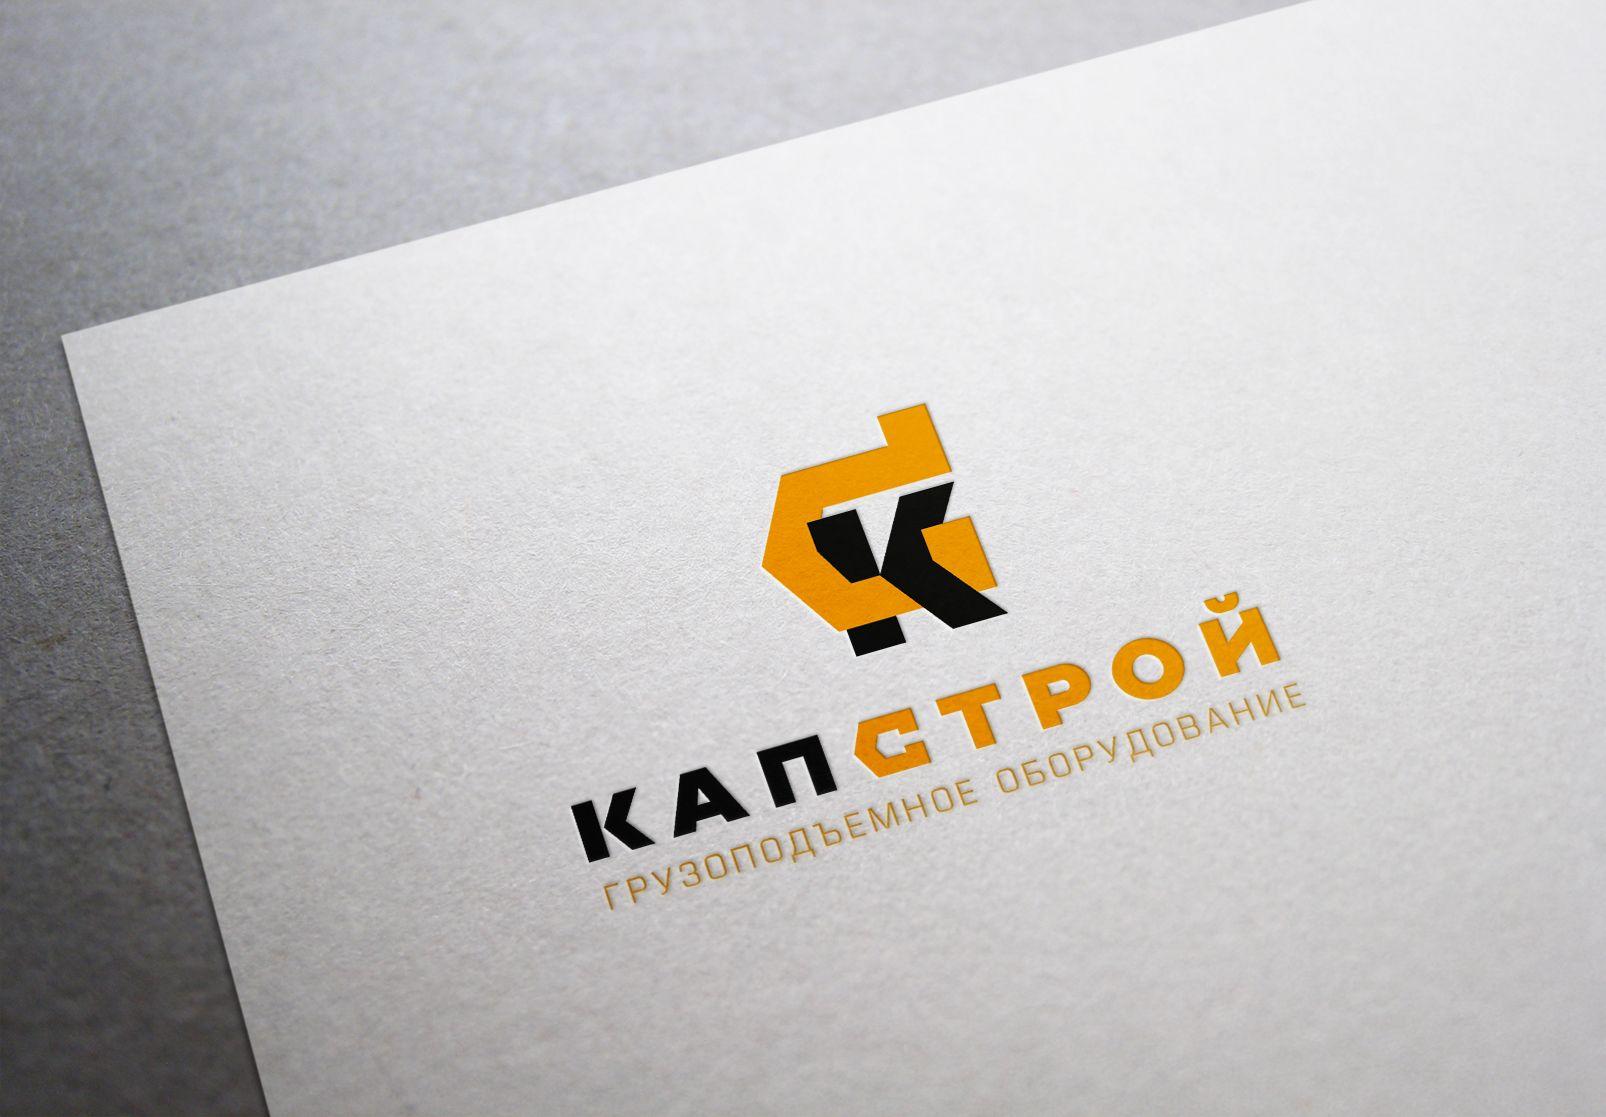 Лого и фирменный стиль для Капстрой  - дизайнер irkin